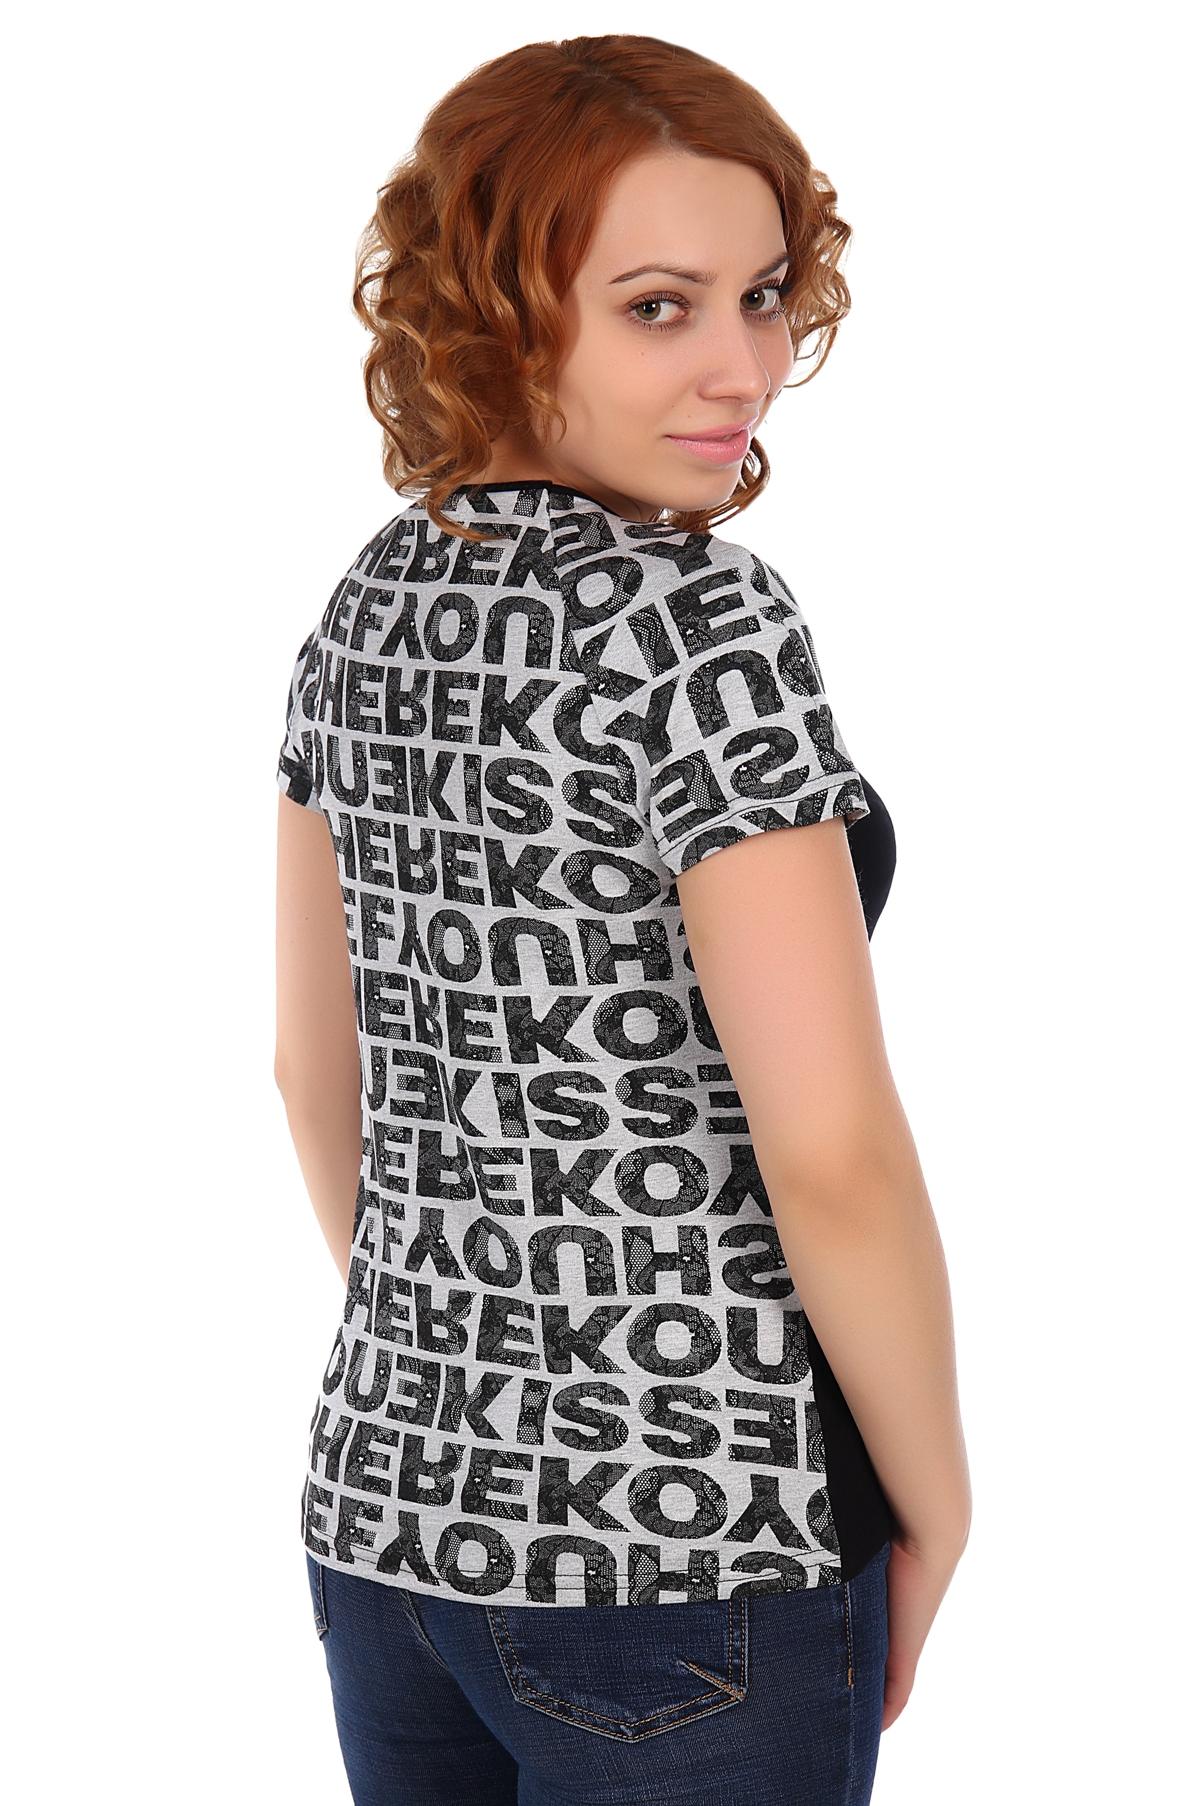 Жен. футболка арт. 16-0310 черный р. 46